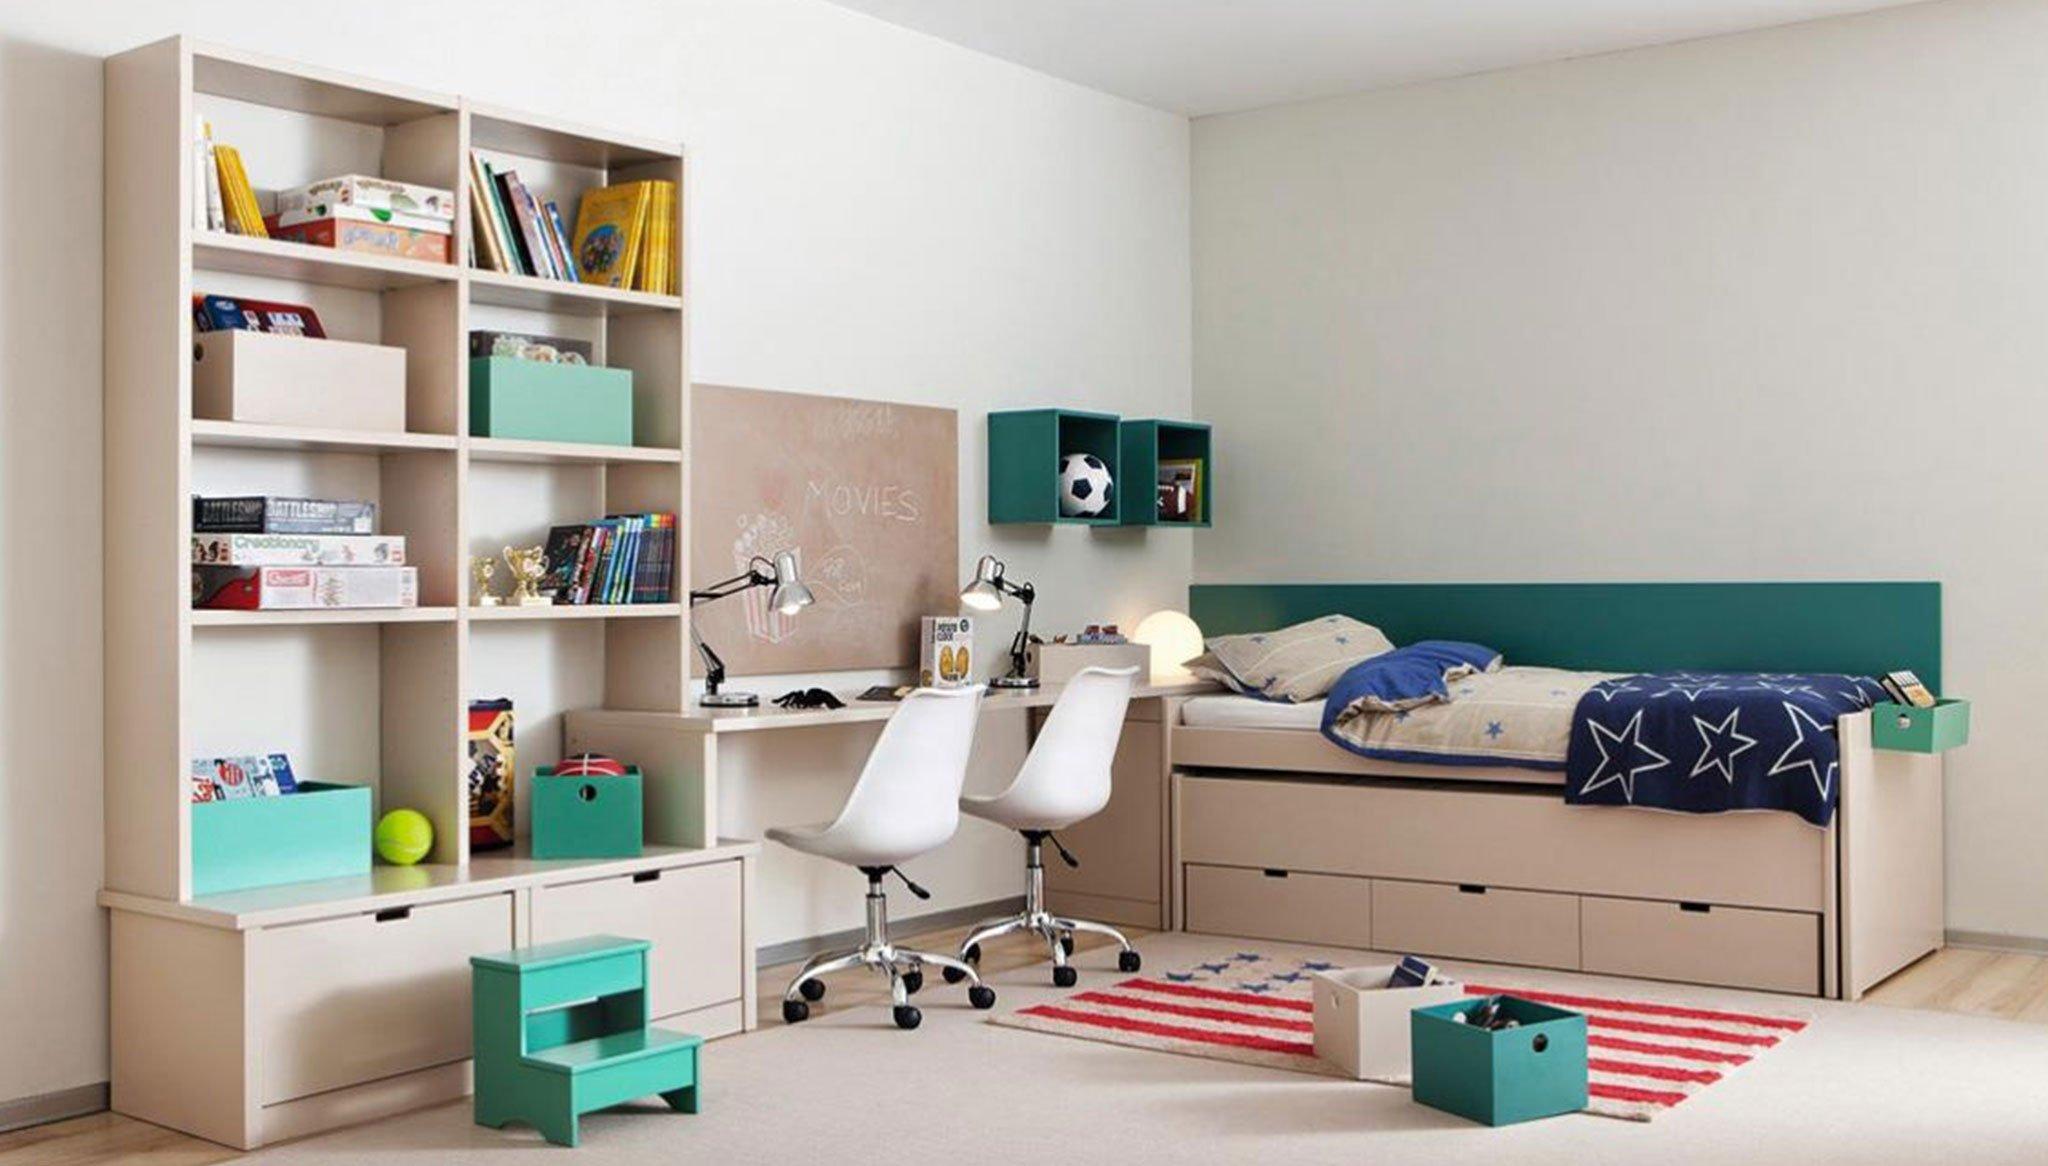 Muebles juveniles con capacidad de almacenamiento – Muebles Martínez